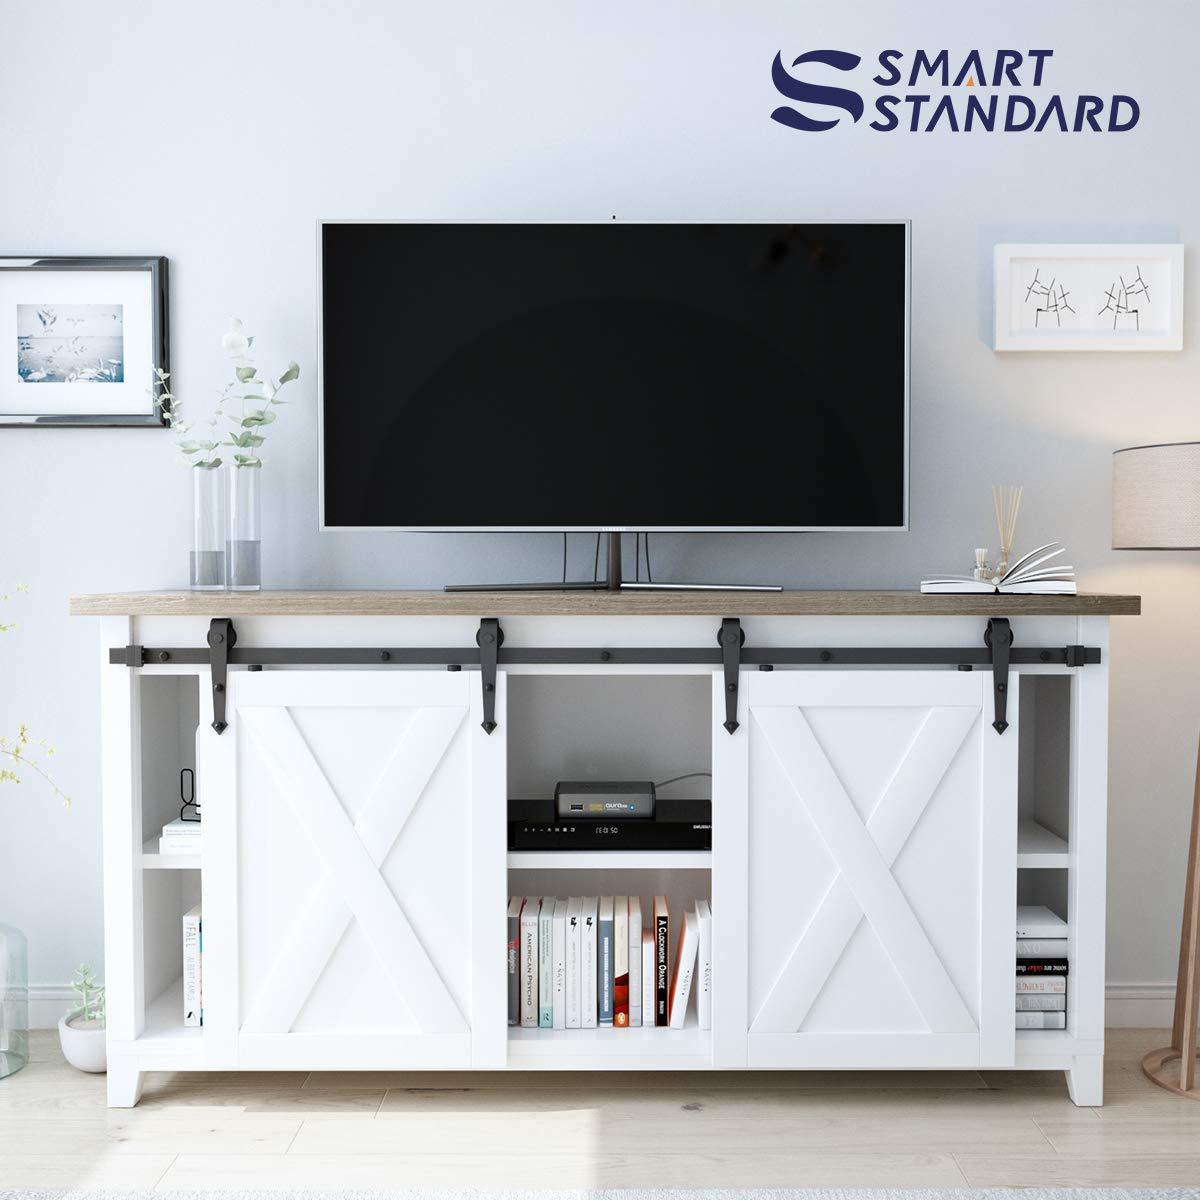 6ft Double Door Cabinet Barn Door Hardware Kit- Mini Sliding Door Hardware - for Cabinet TV Stand - Simple and Easy to Install - Fit 24'' Wide Door Panel (No Cabinet) (Mini Arrow Shape Hangers) by SMARTSTANDARD (Image #5)